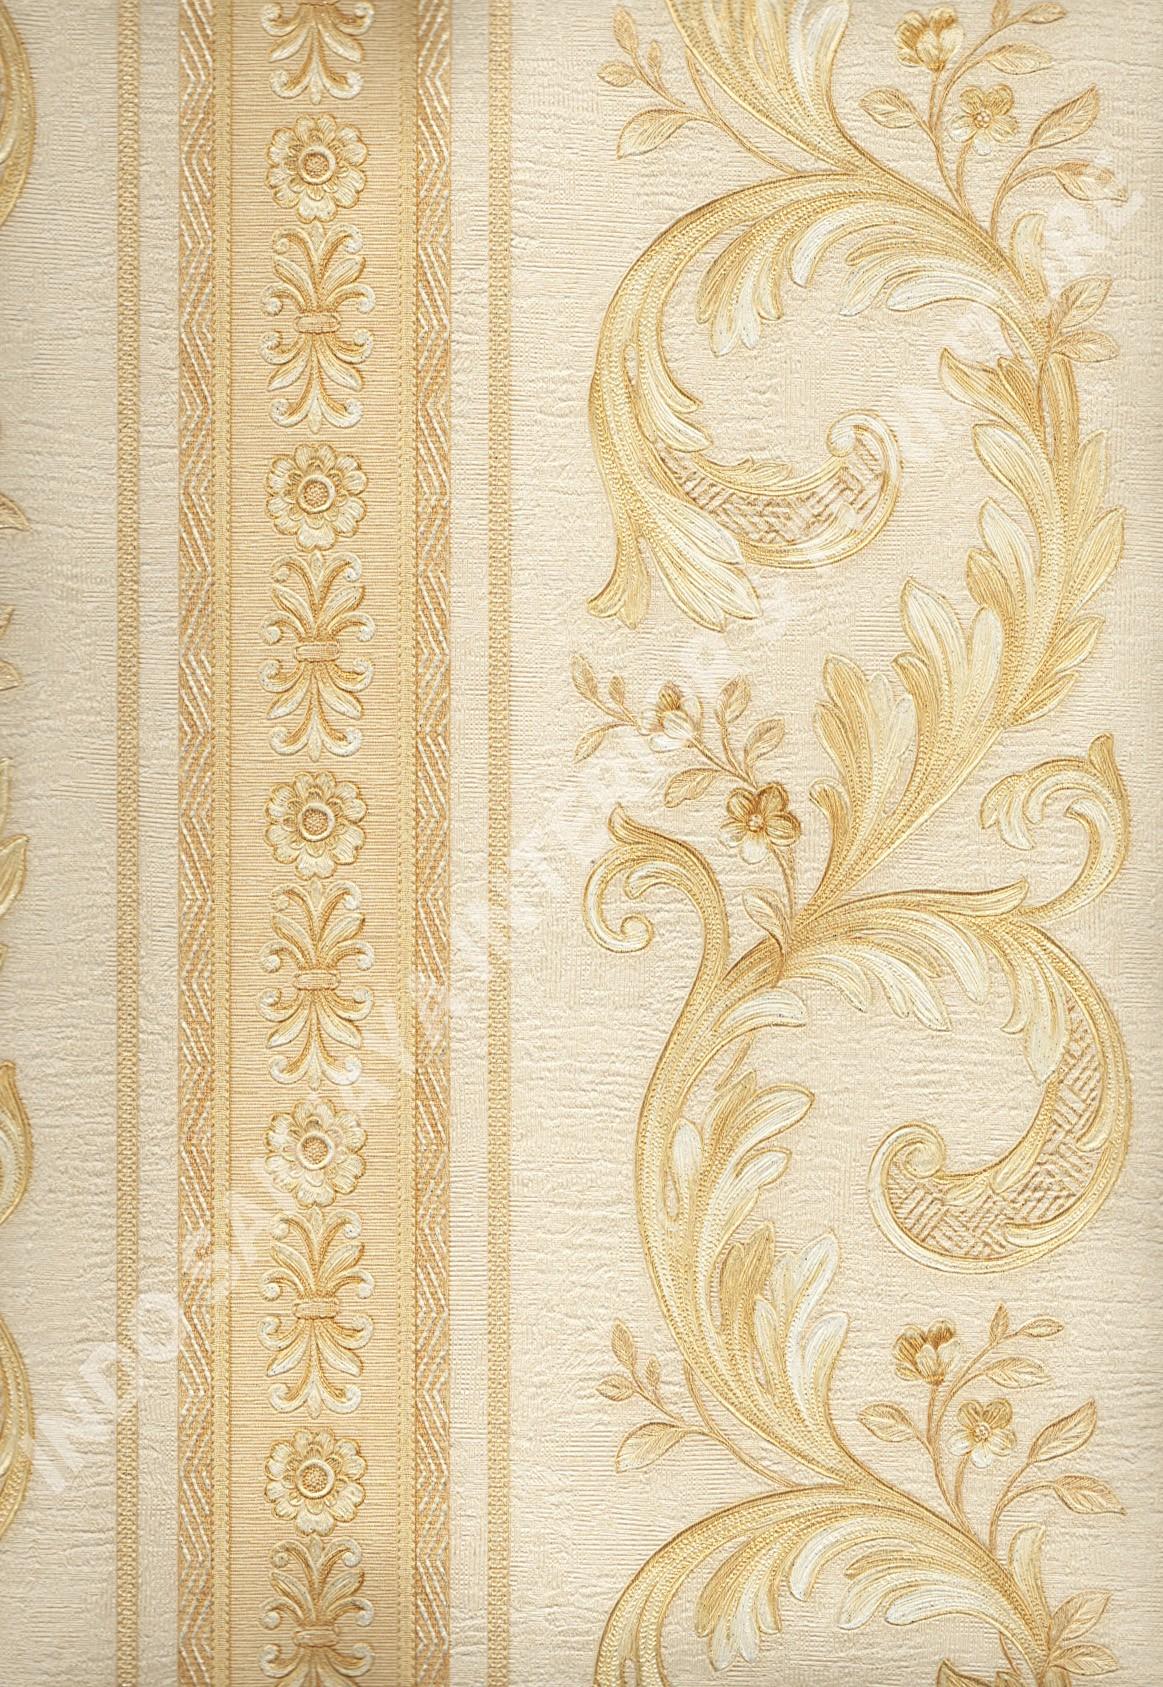 wallpaper   Wallpaper Klasik Batik (Damask) 51007-1:51007-1 corak  warna